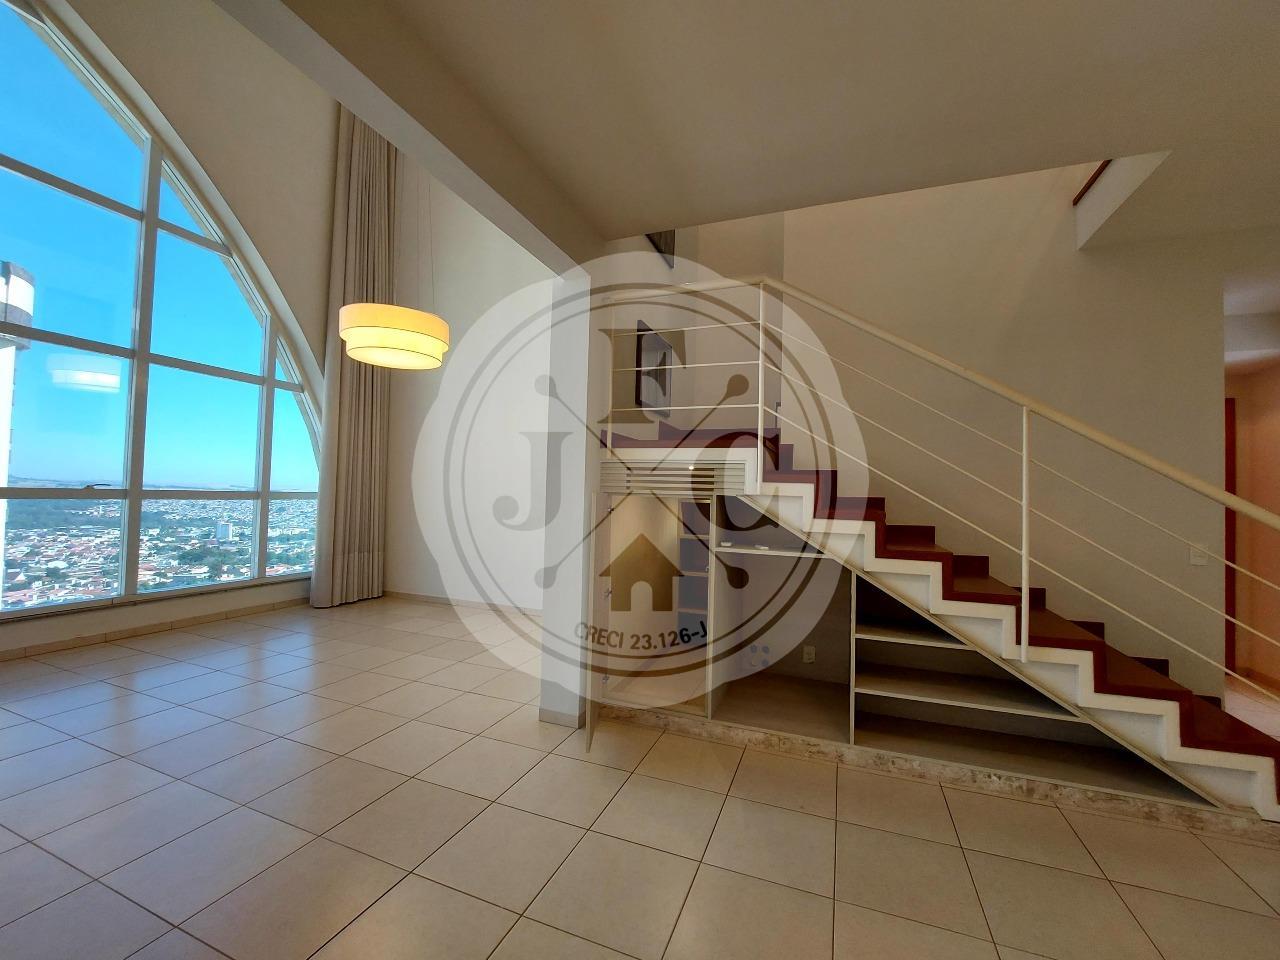 Apartamento Cobertura à venda, 4 quartos, 2 suítes, 4 vagas, Jardim Santa Ângela - Ribeirão Preto/SP